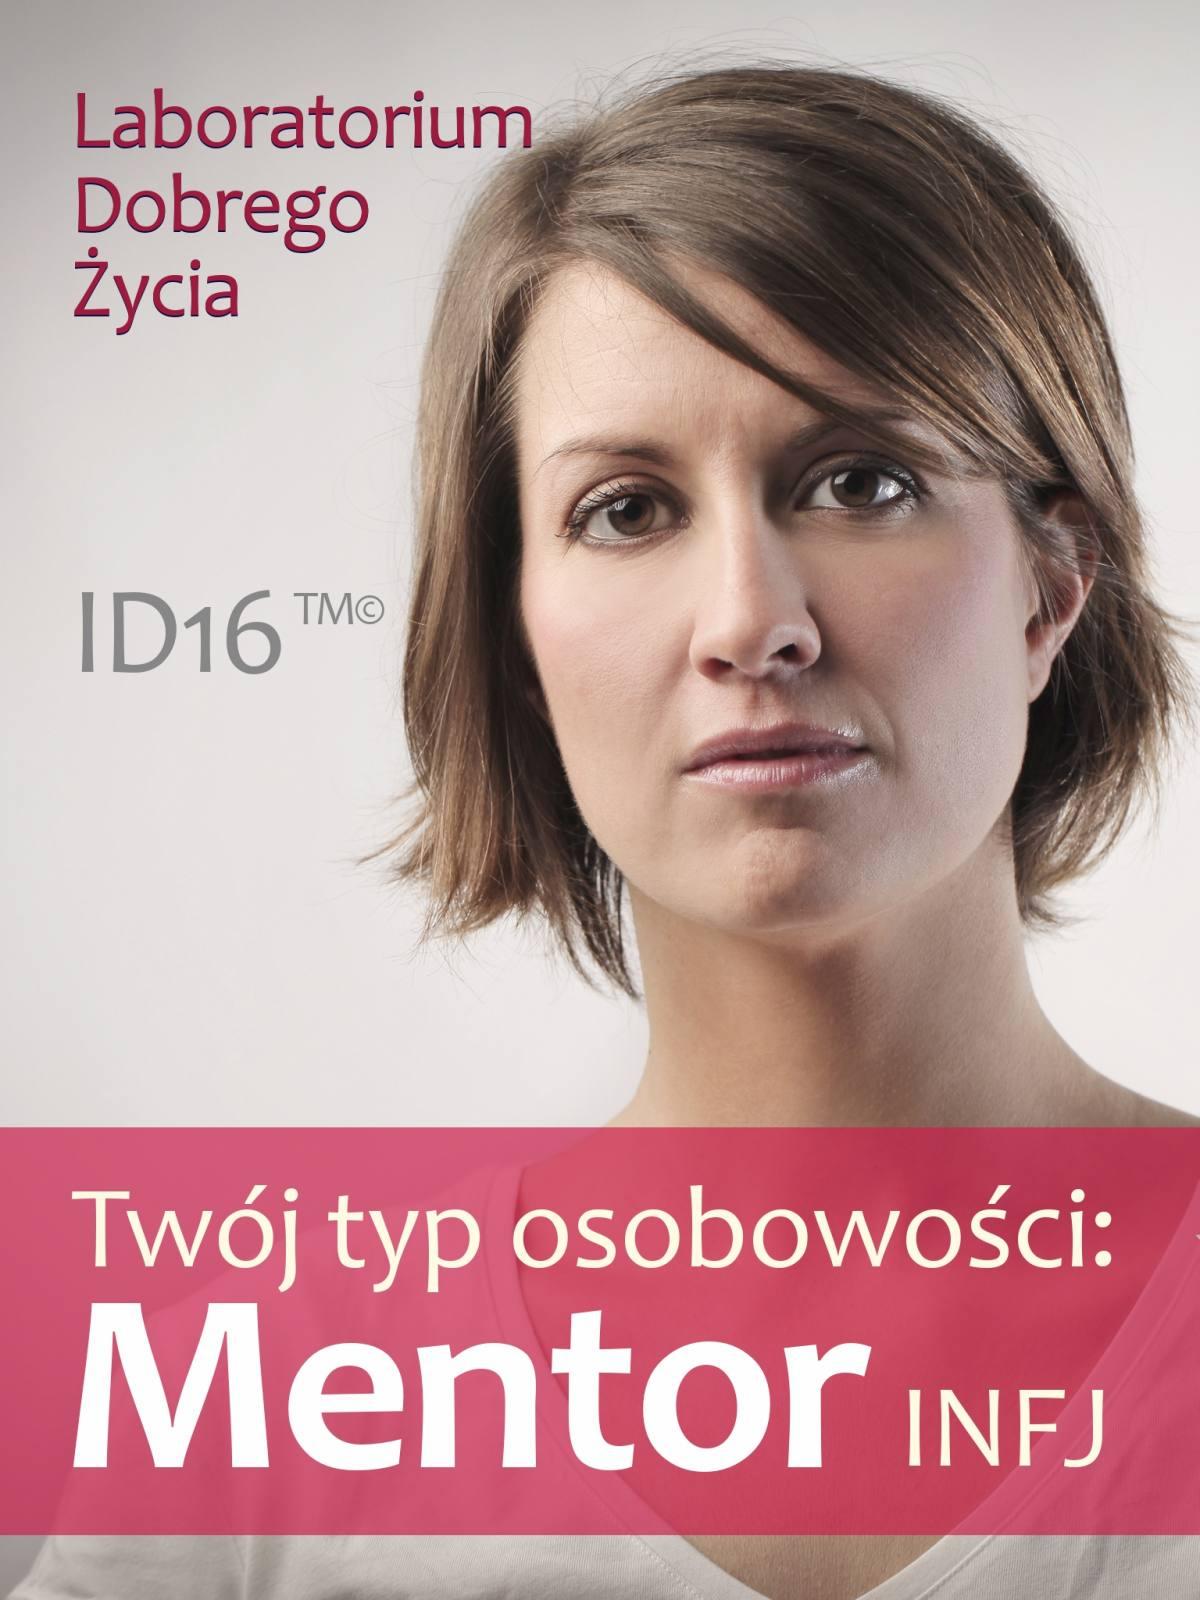 Twój typ osobowości: Mentor (INFJ) - Ebook (Książka EPUB) do pobrania w formacie EPUB